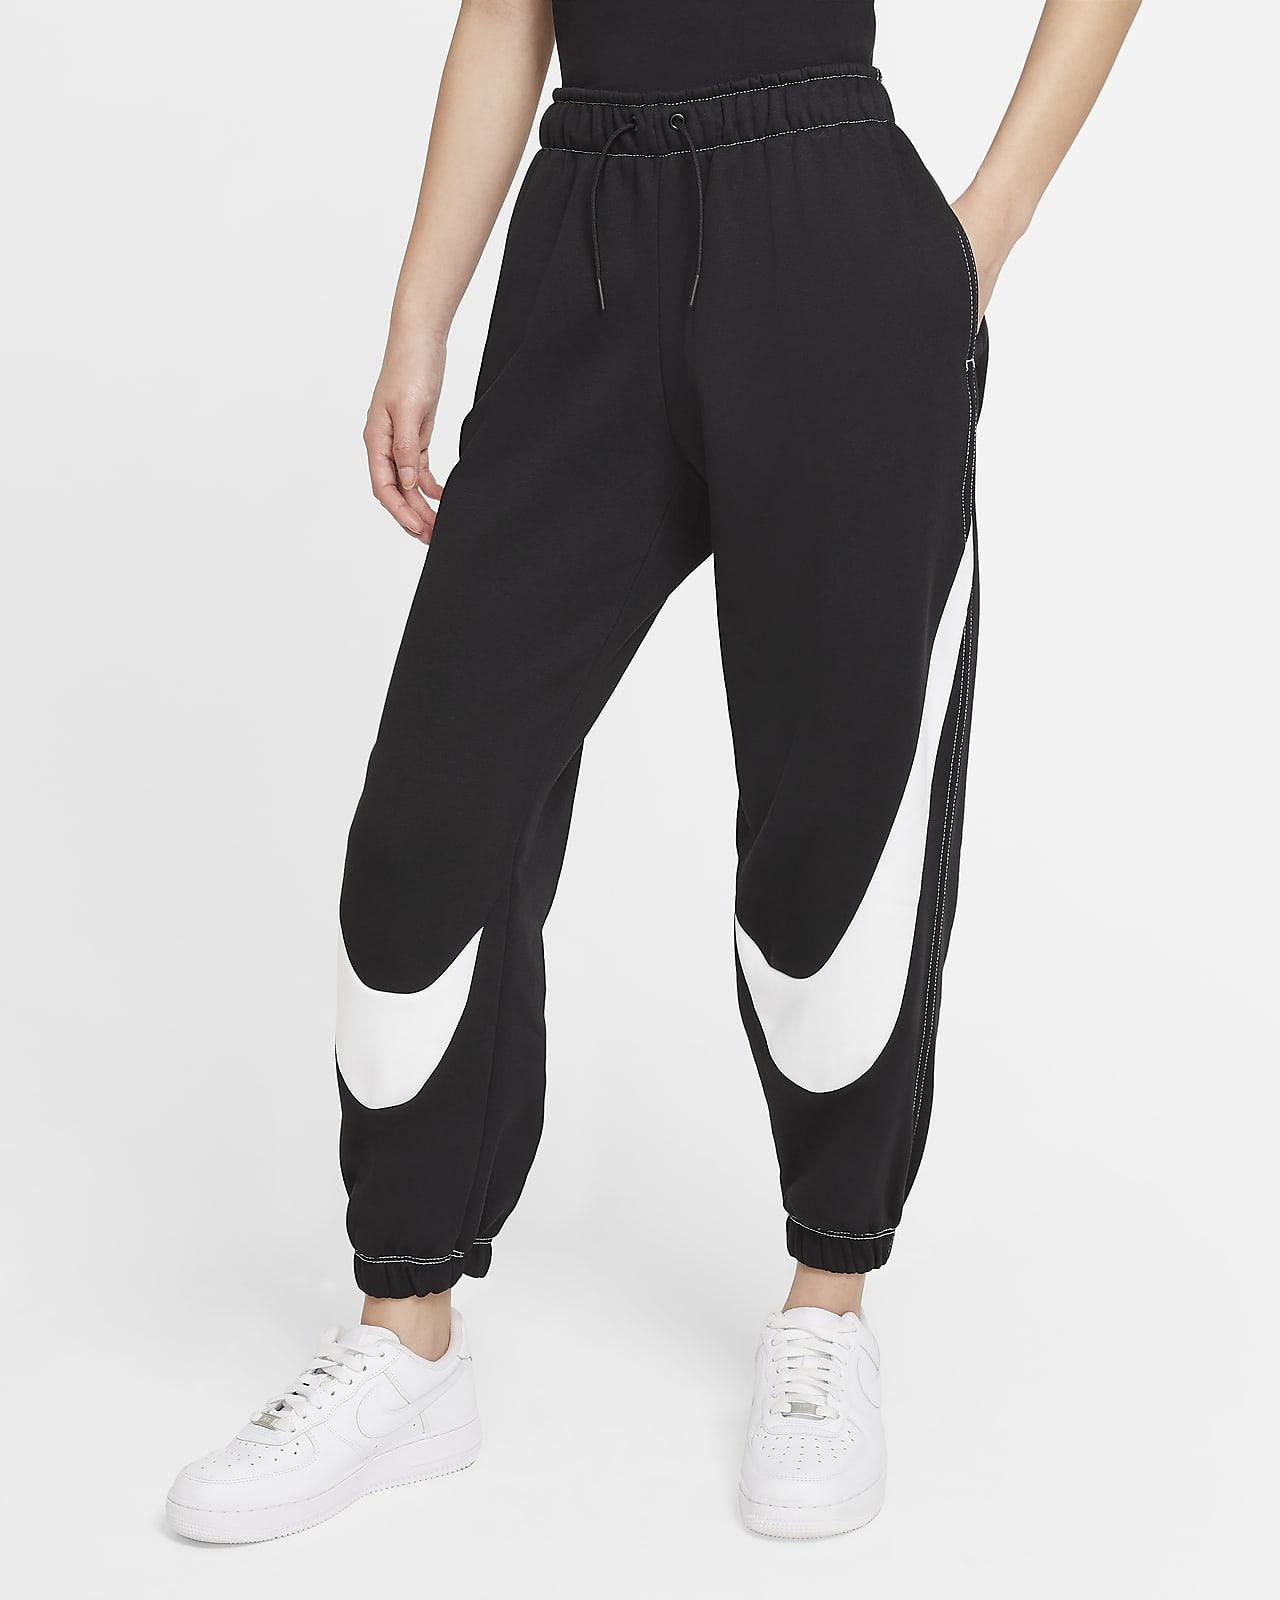 Nike Sportswear Swoosh Women's Jogger